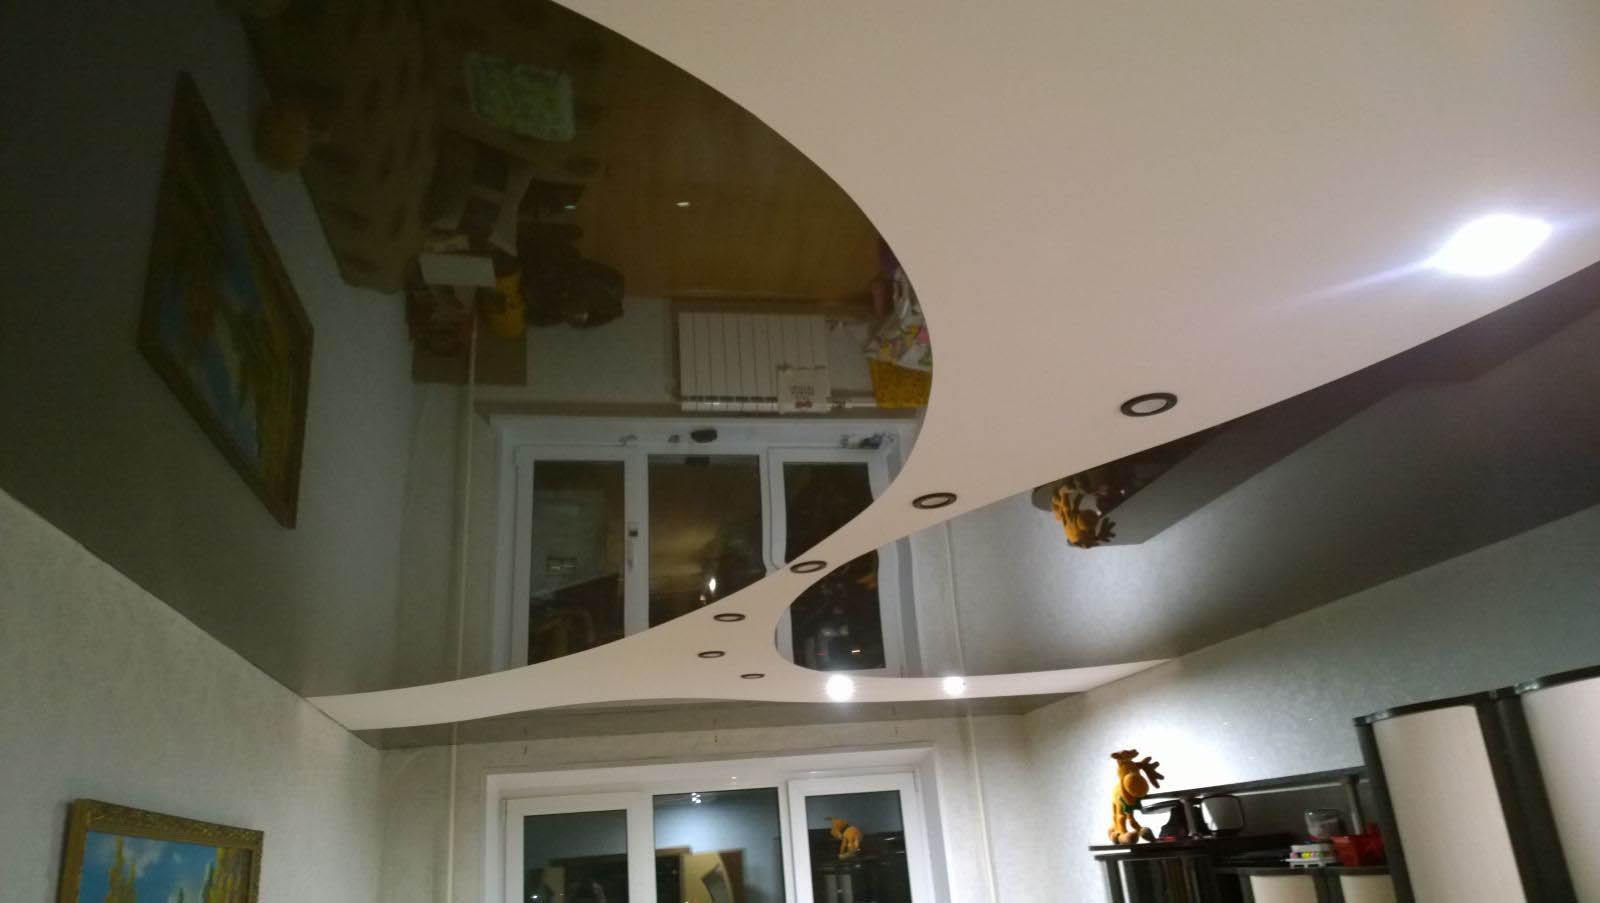 1511962134 56660 1464699656 - Двухцветные натяжные потолки в интерьере - тонкости подбора и лучшие примеры